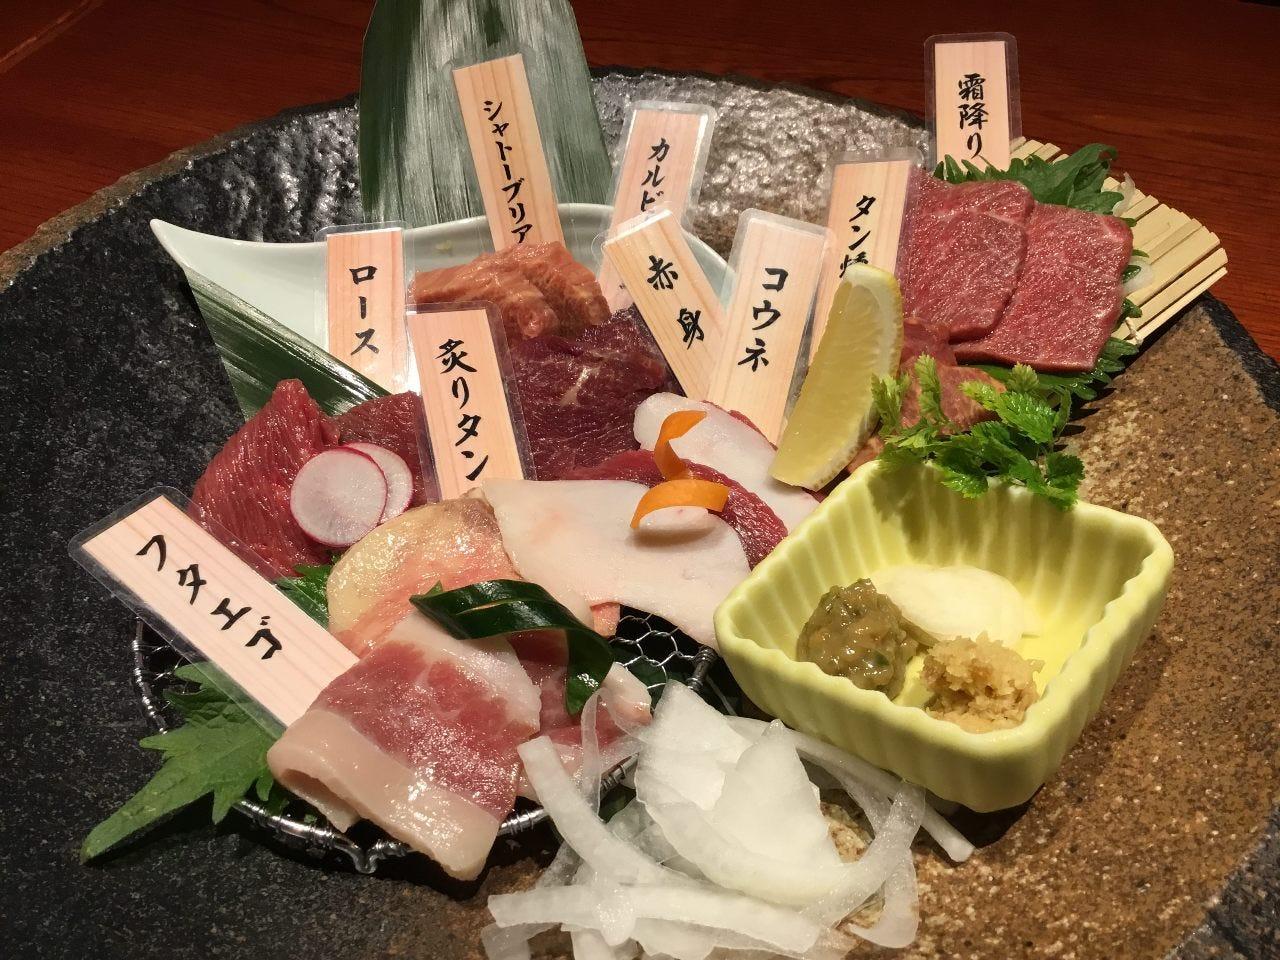 ☆【桜肉7種と桜肉すき焼き、馬づくし会食】 少人数様限定☆料理+ワンドリンク付き全7品4000→3500円